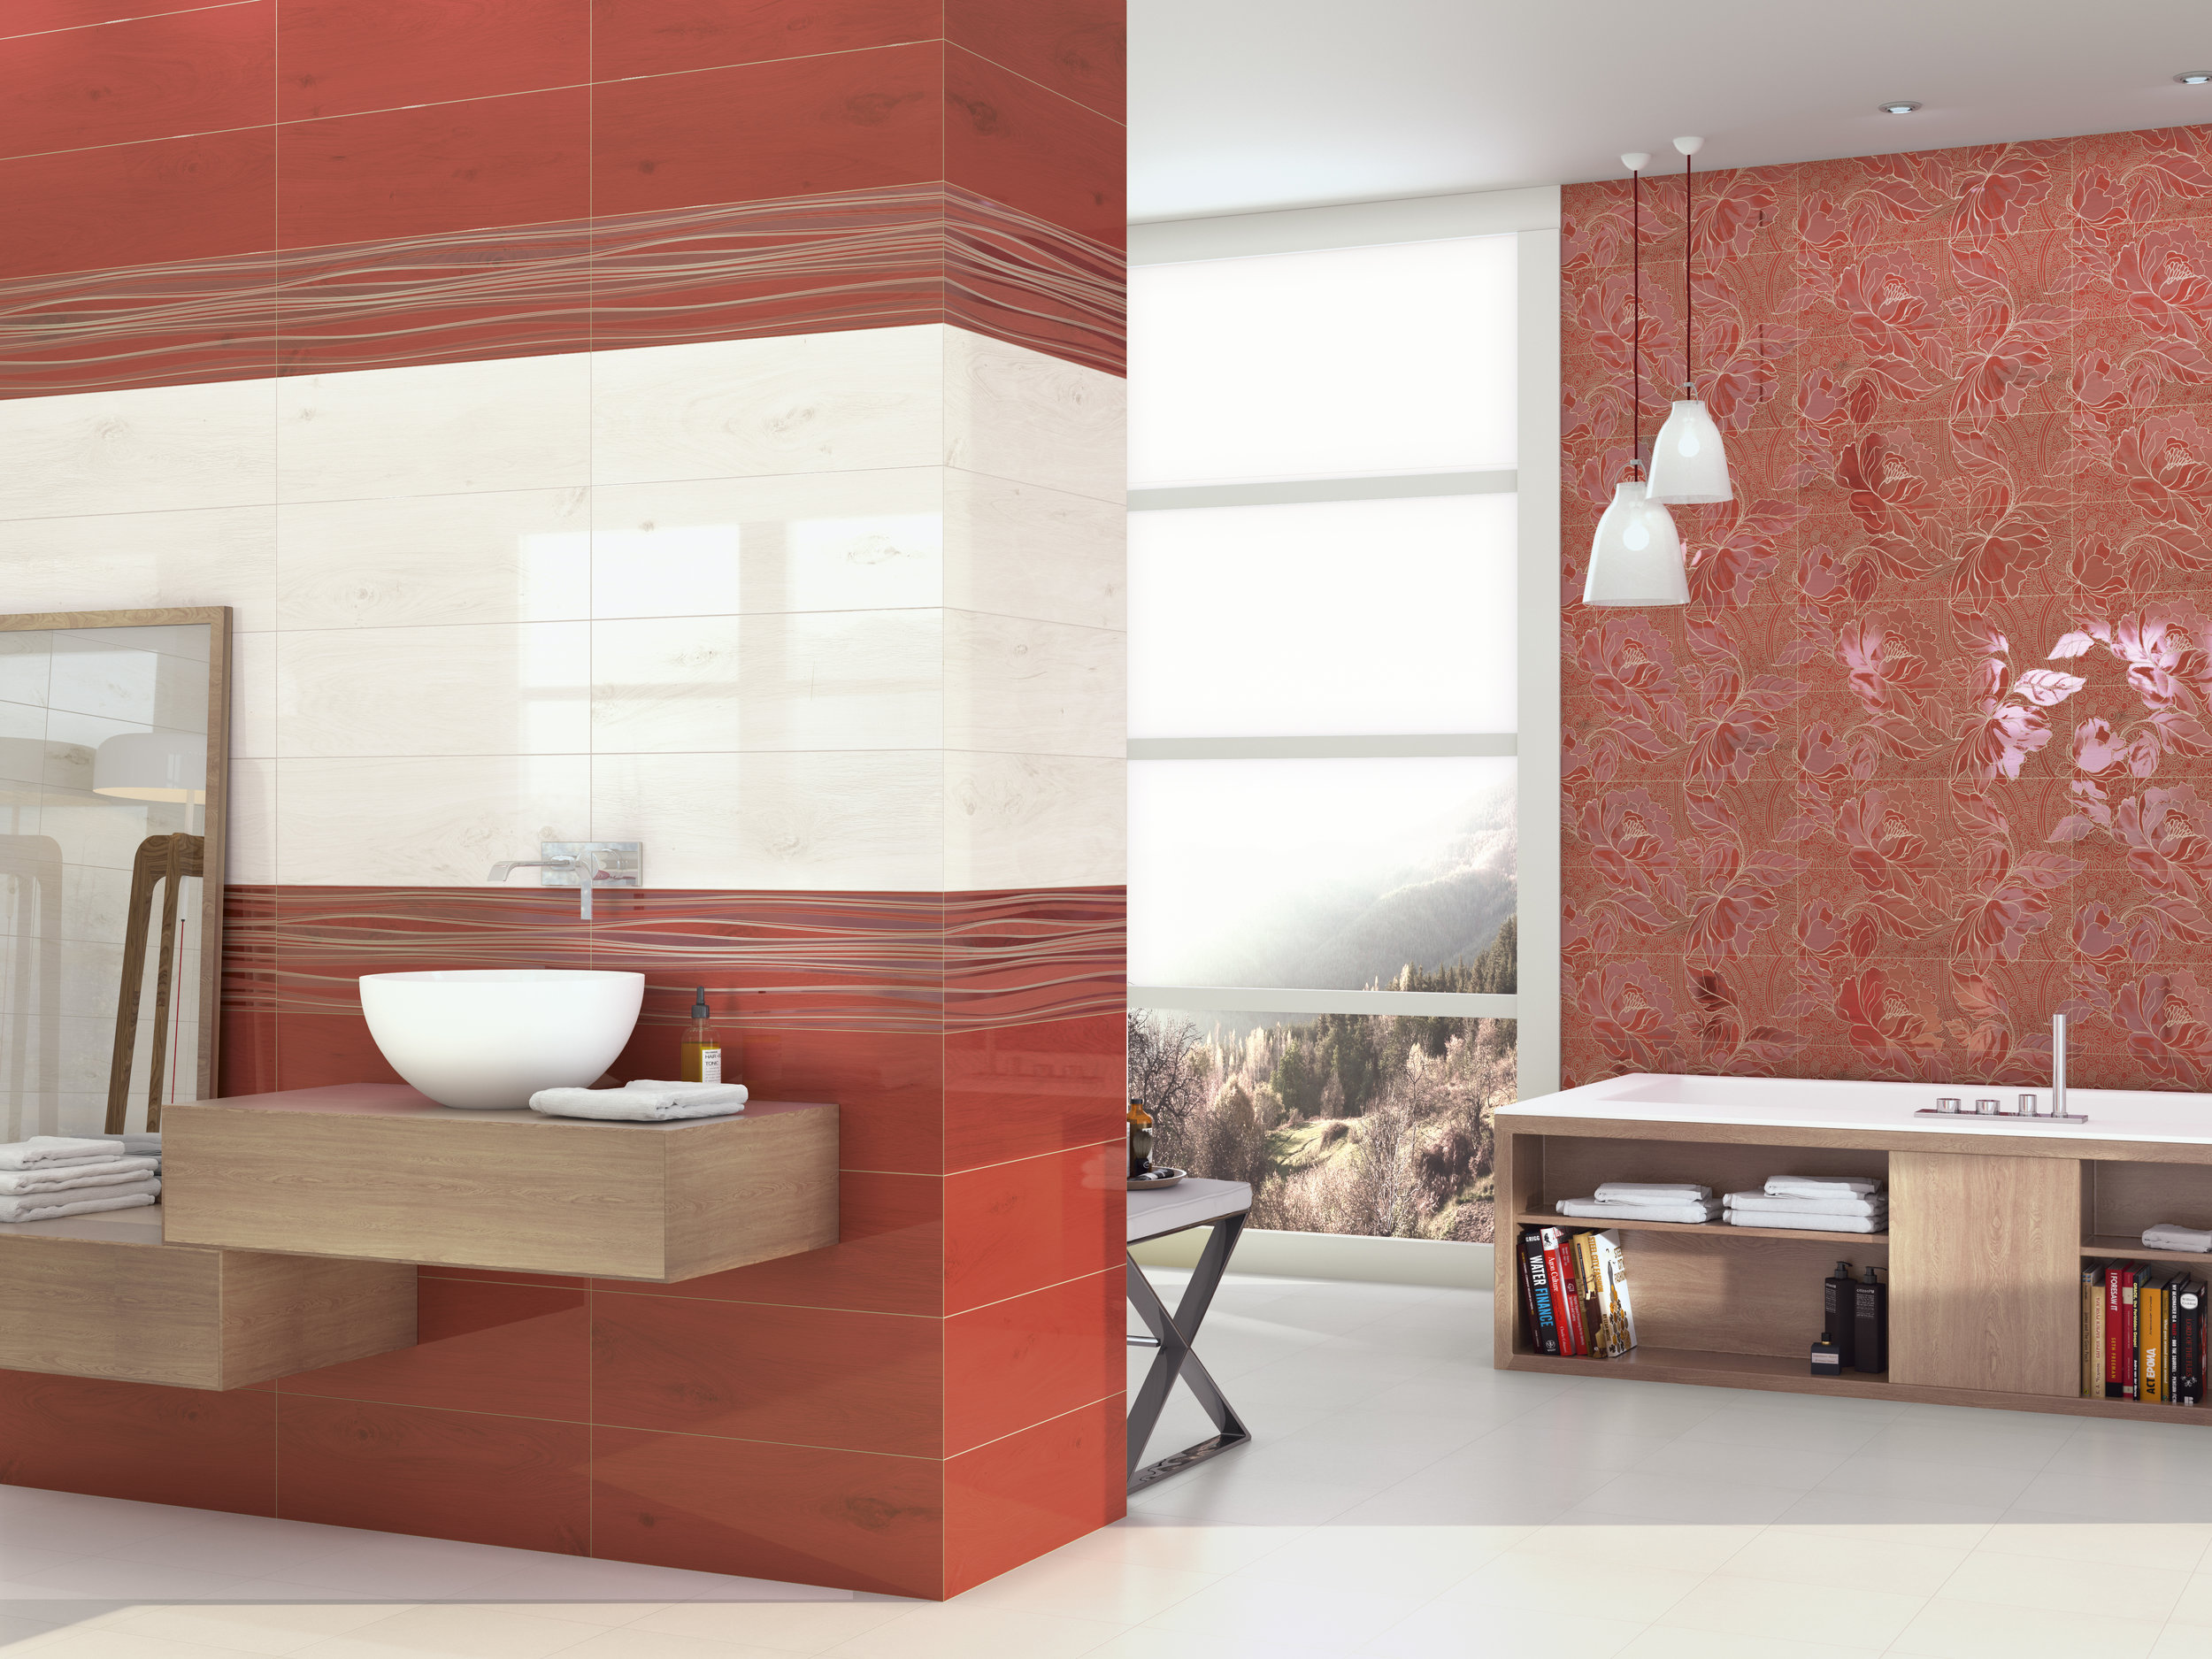 Vernis Rojo/Vernis Decor Gabi Rojo 20x60 cm